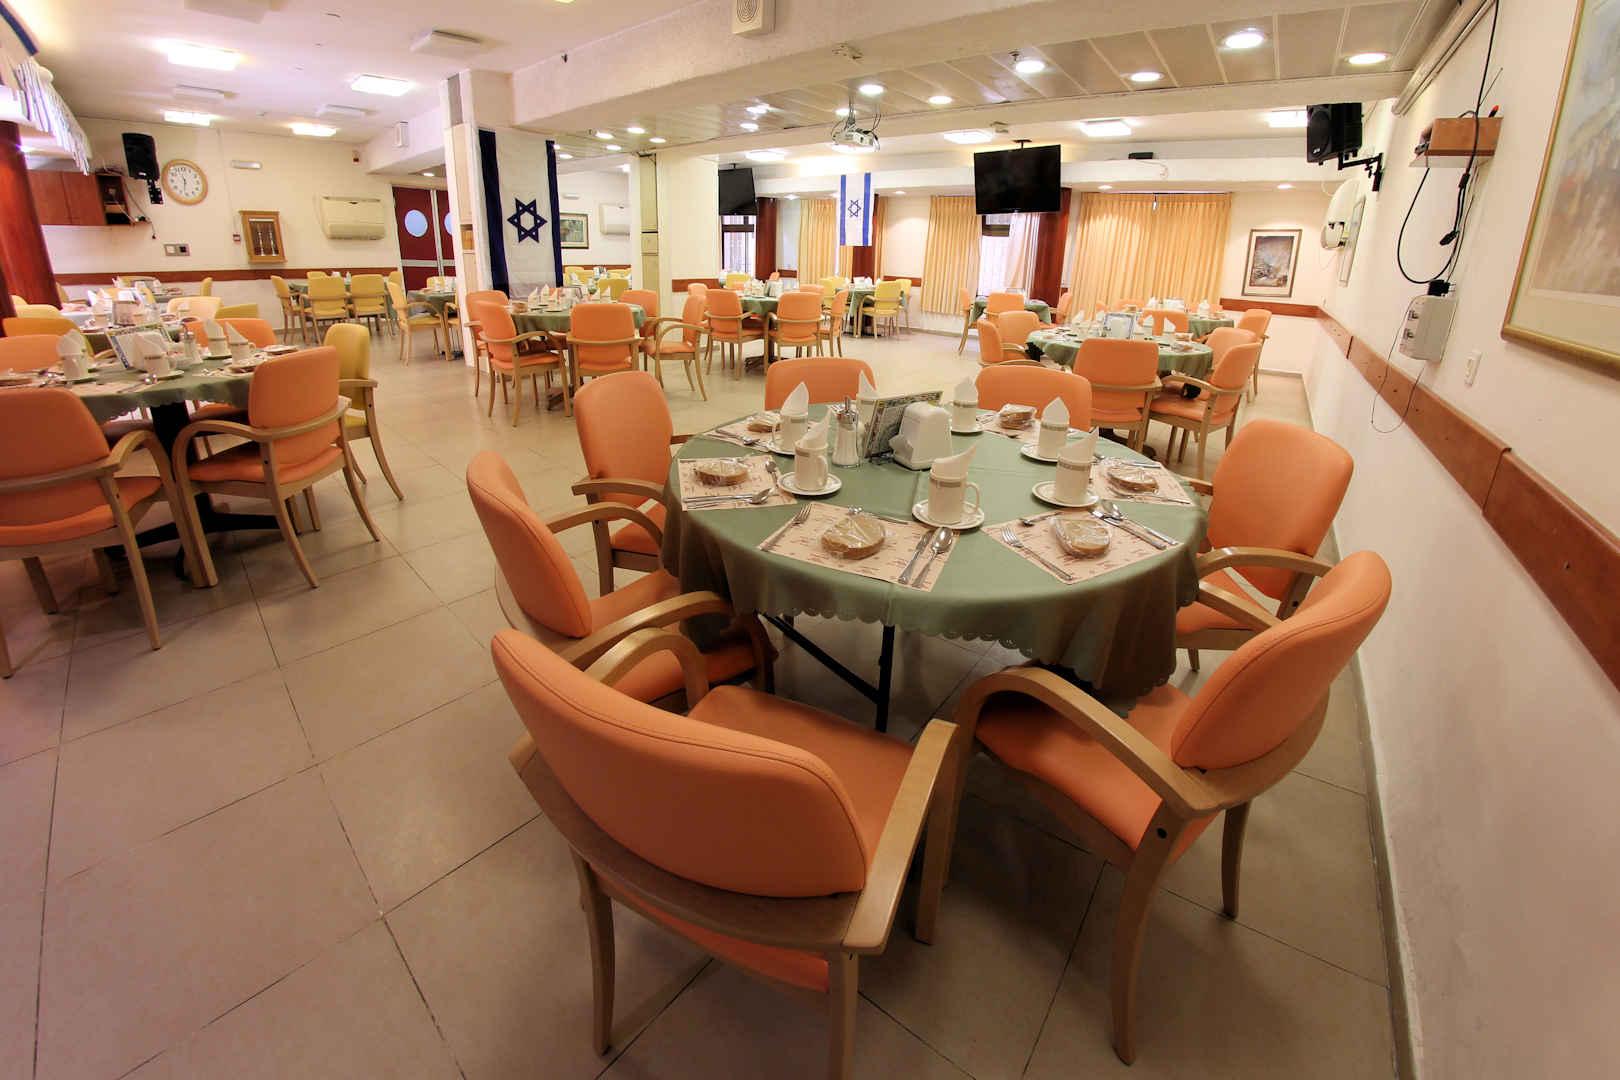 בית ברט לציבור הדתי לאומי חדר אוכל